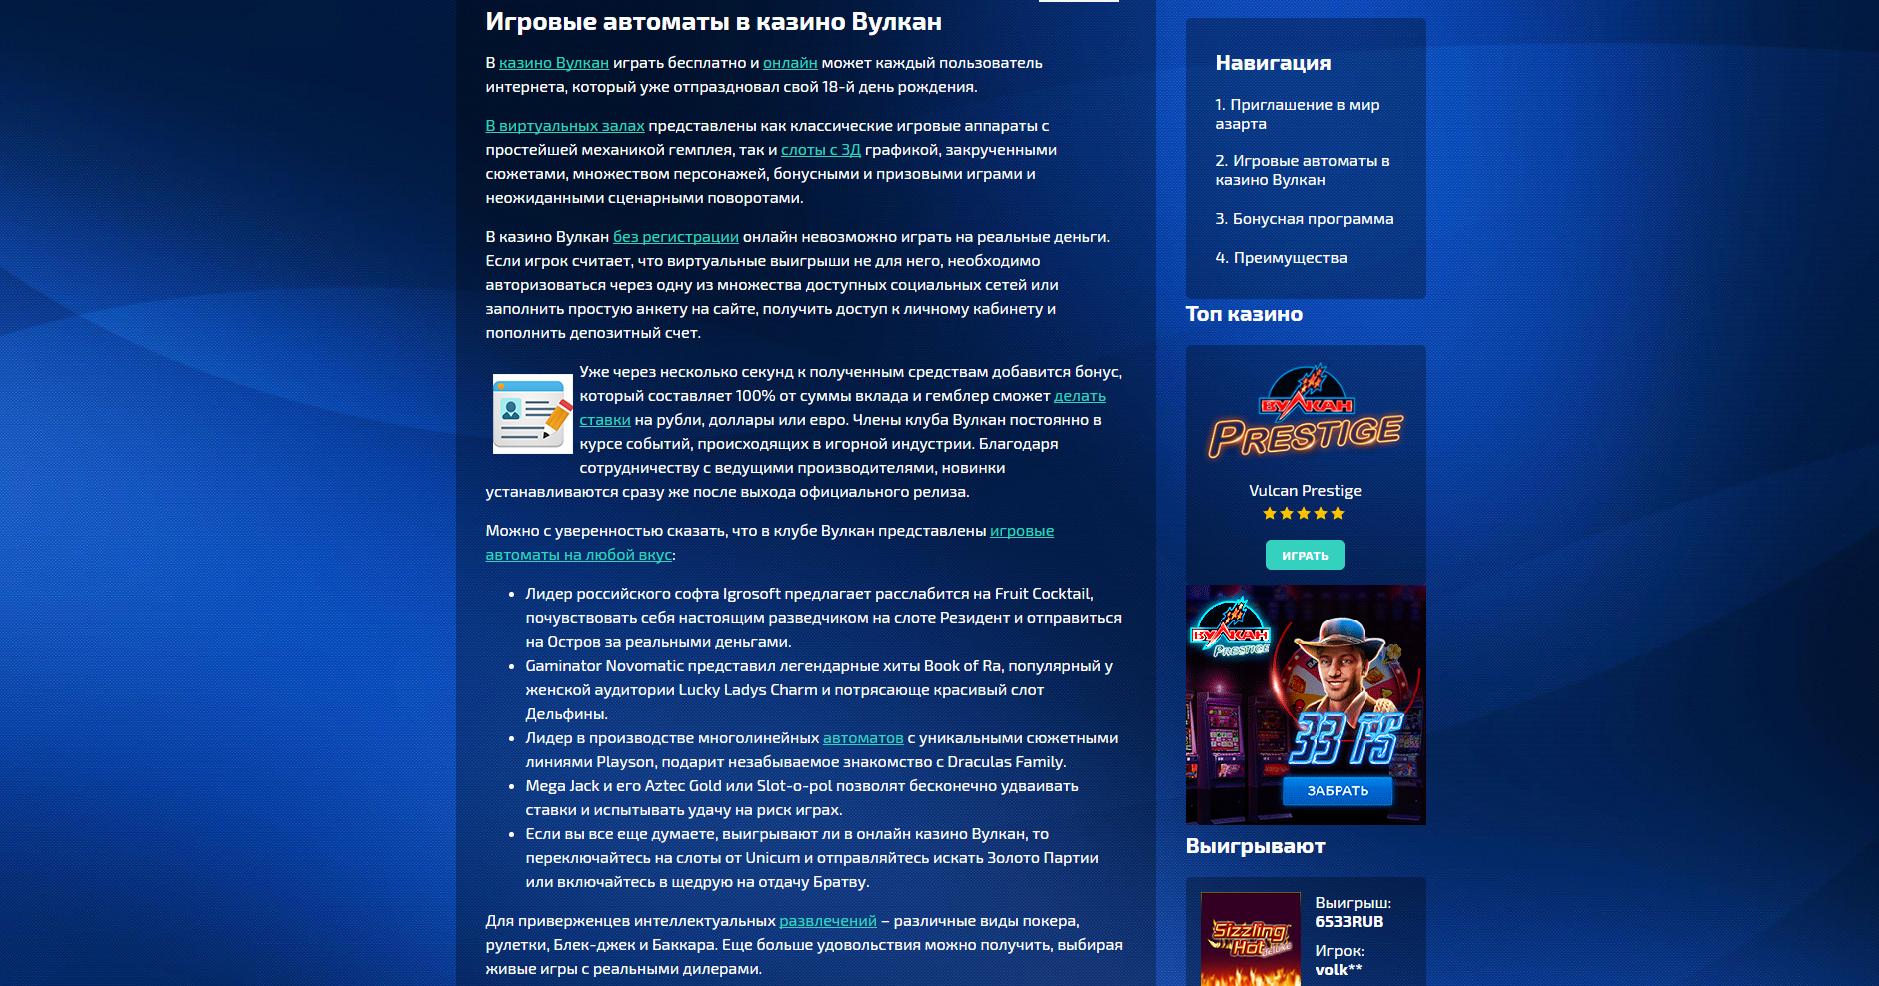 Игровые автоматы бесплатно играть онлайн бесплатно русское казино карта скорпион играть